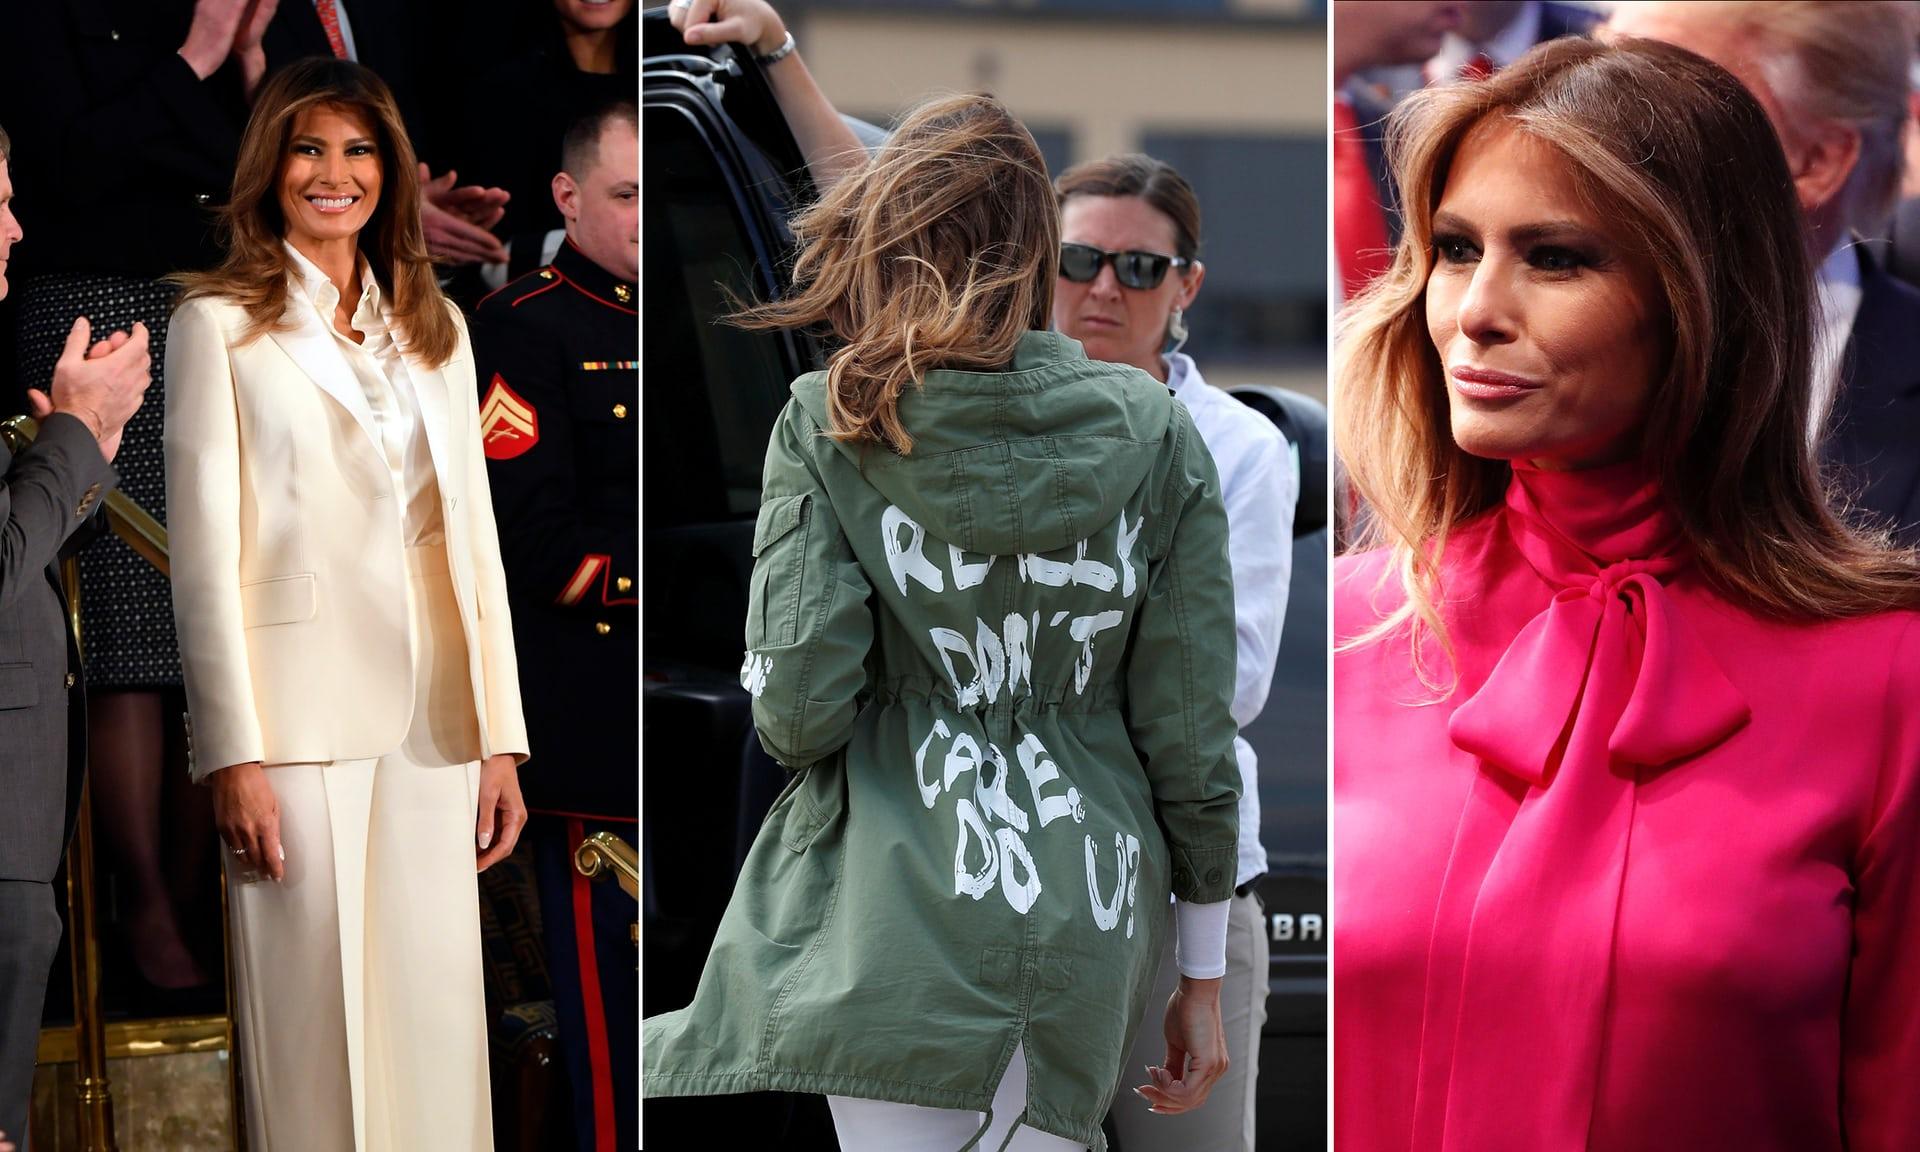 """美国""""第一夫人""""乱穿衣遭批:原来她在向特朗普传递这样的信息"""